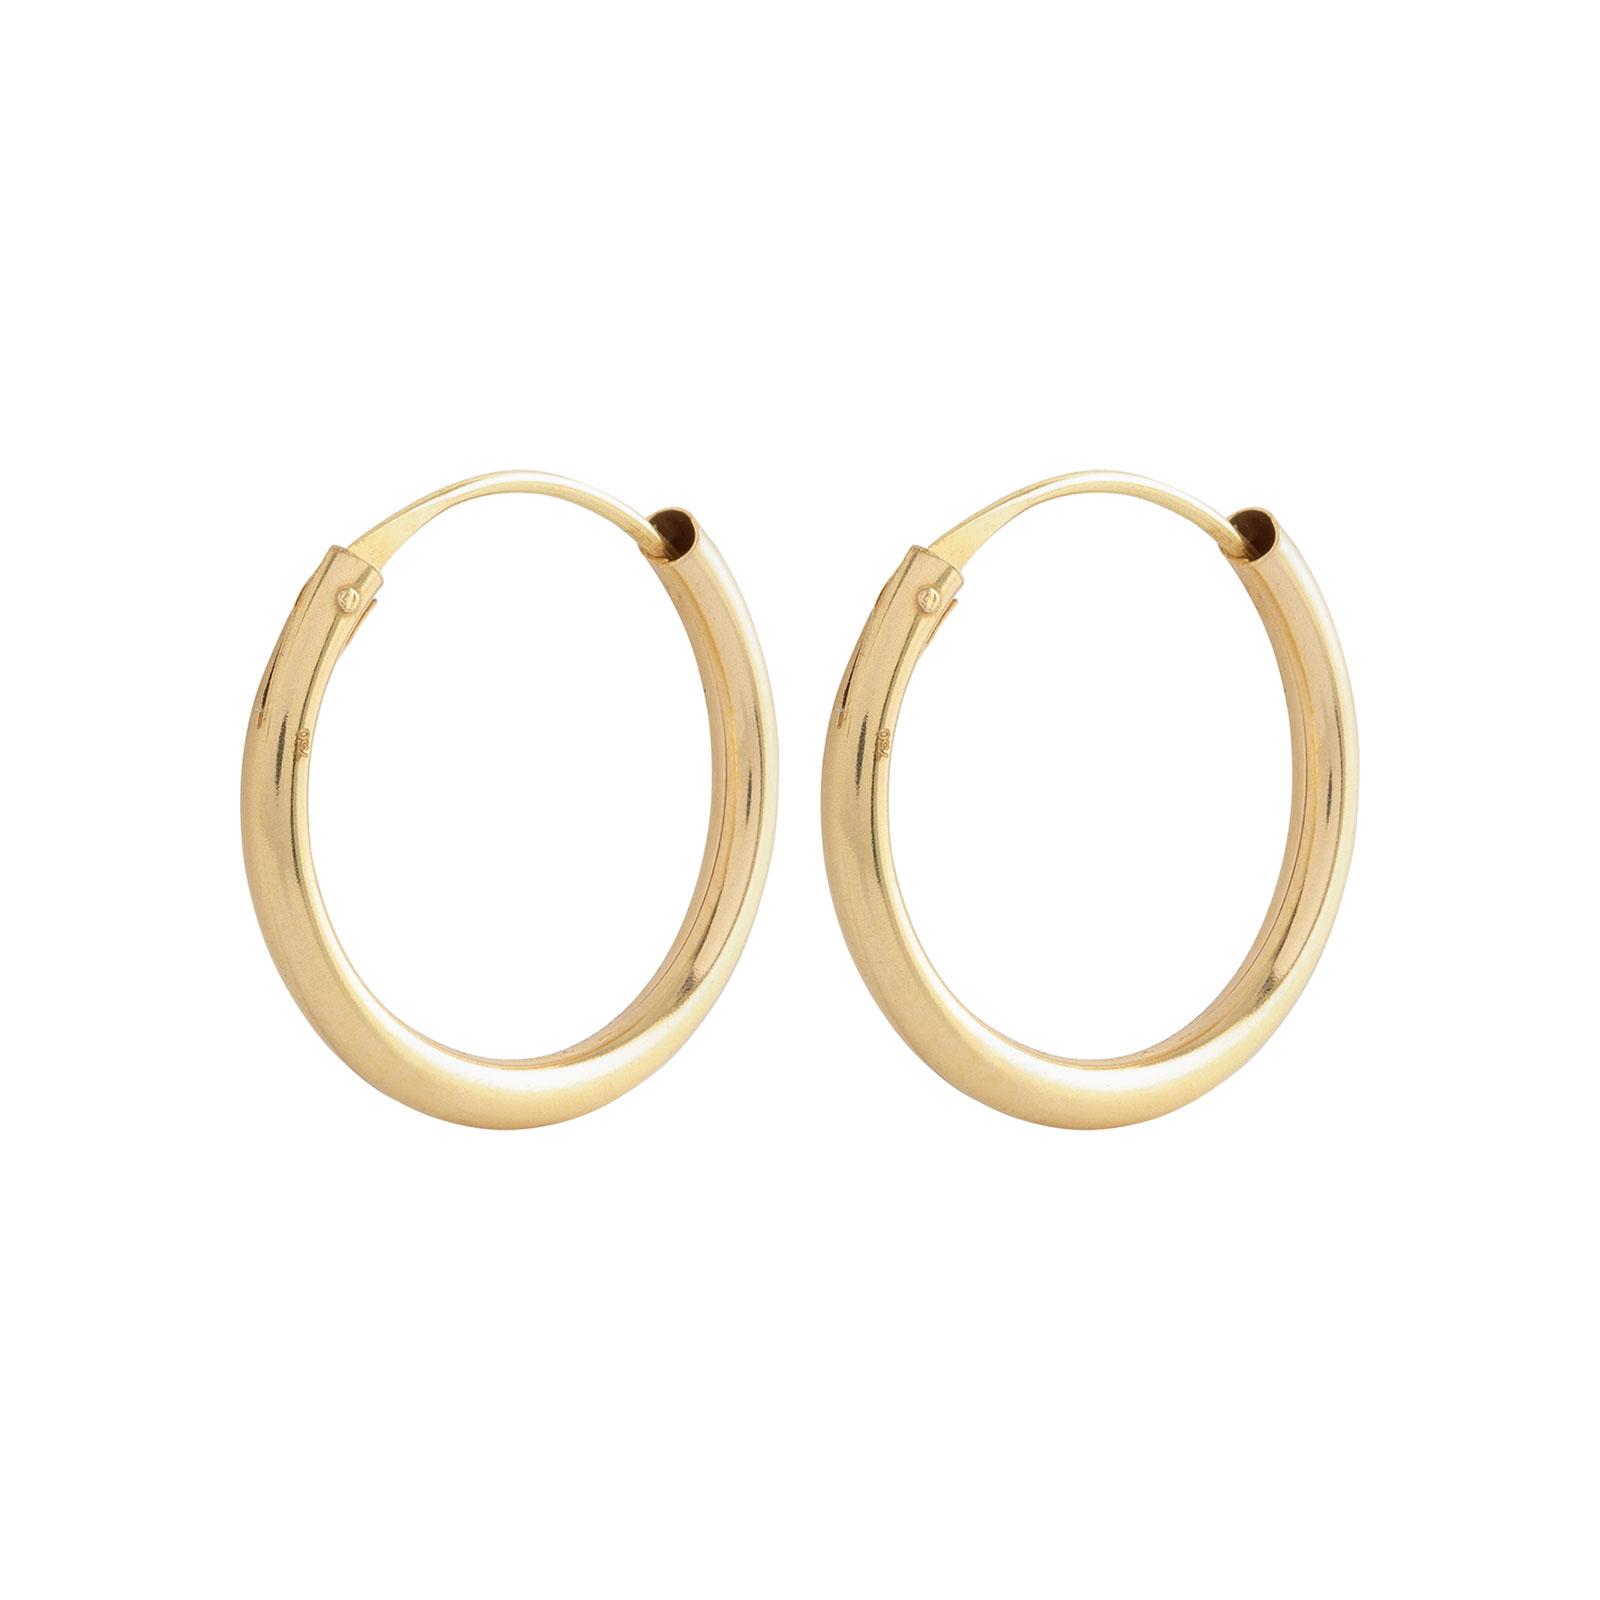 Örhängen 18k guld - Hoops 10 mm